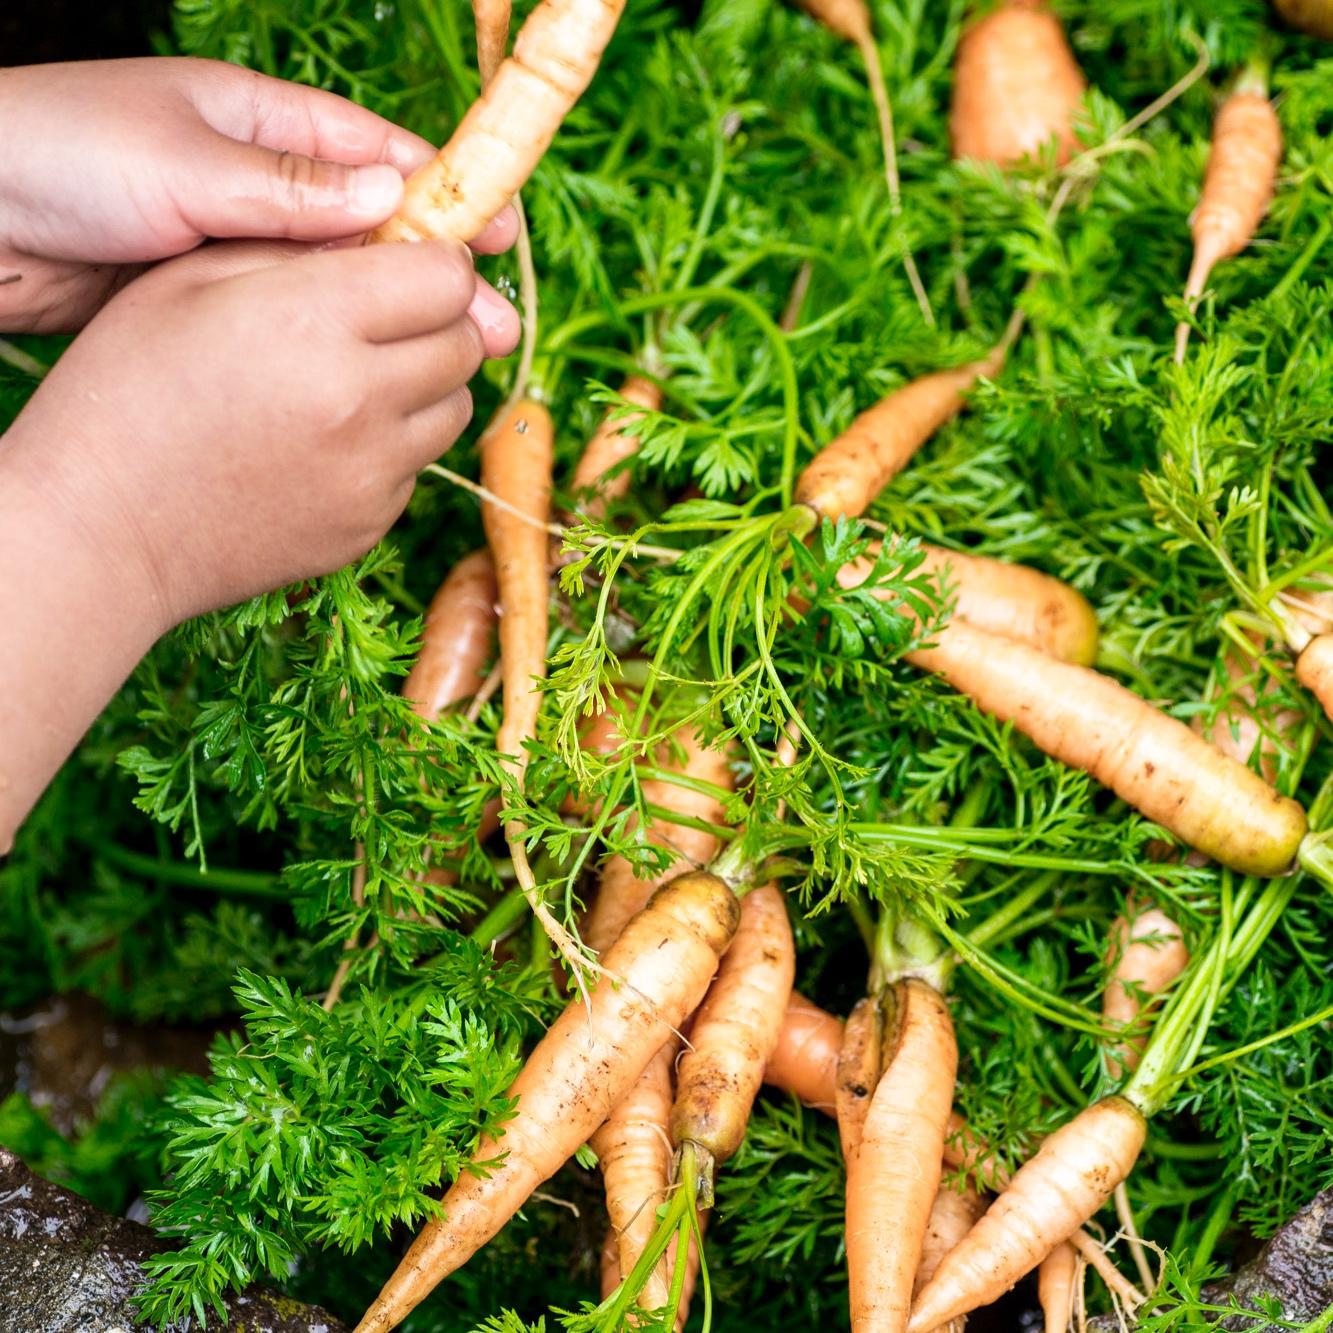 2.安全・安心な食材 - できる限り無農薬栽培・有機栽培の農作物を使用。もちろん化学調味料や保存料は一切不使用。